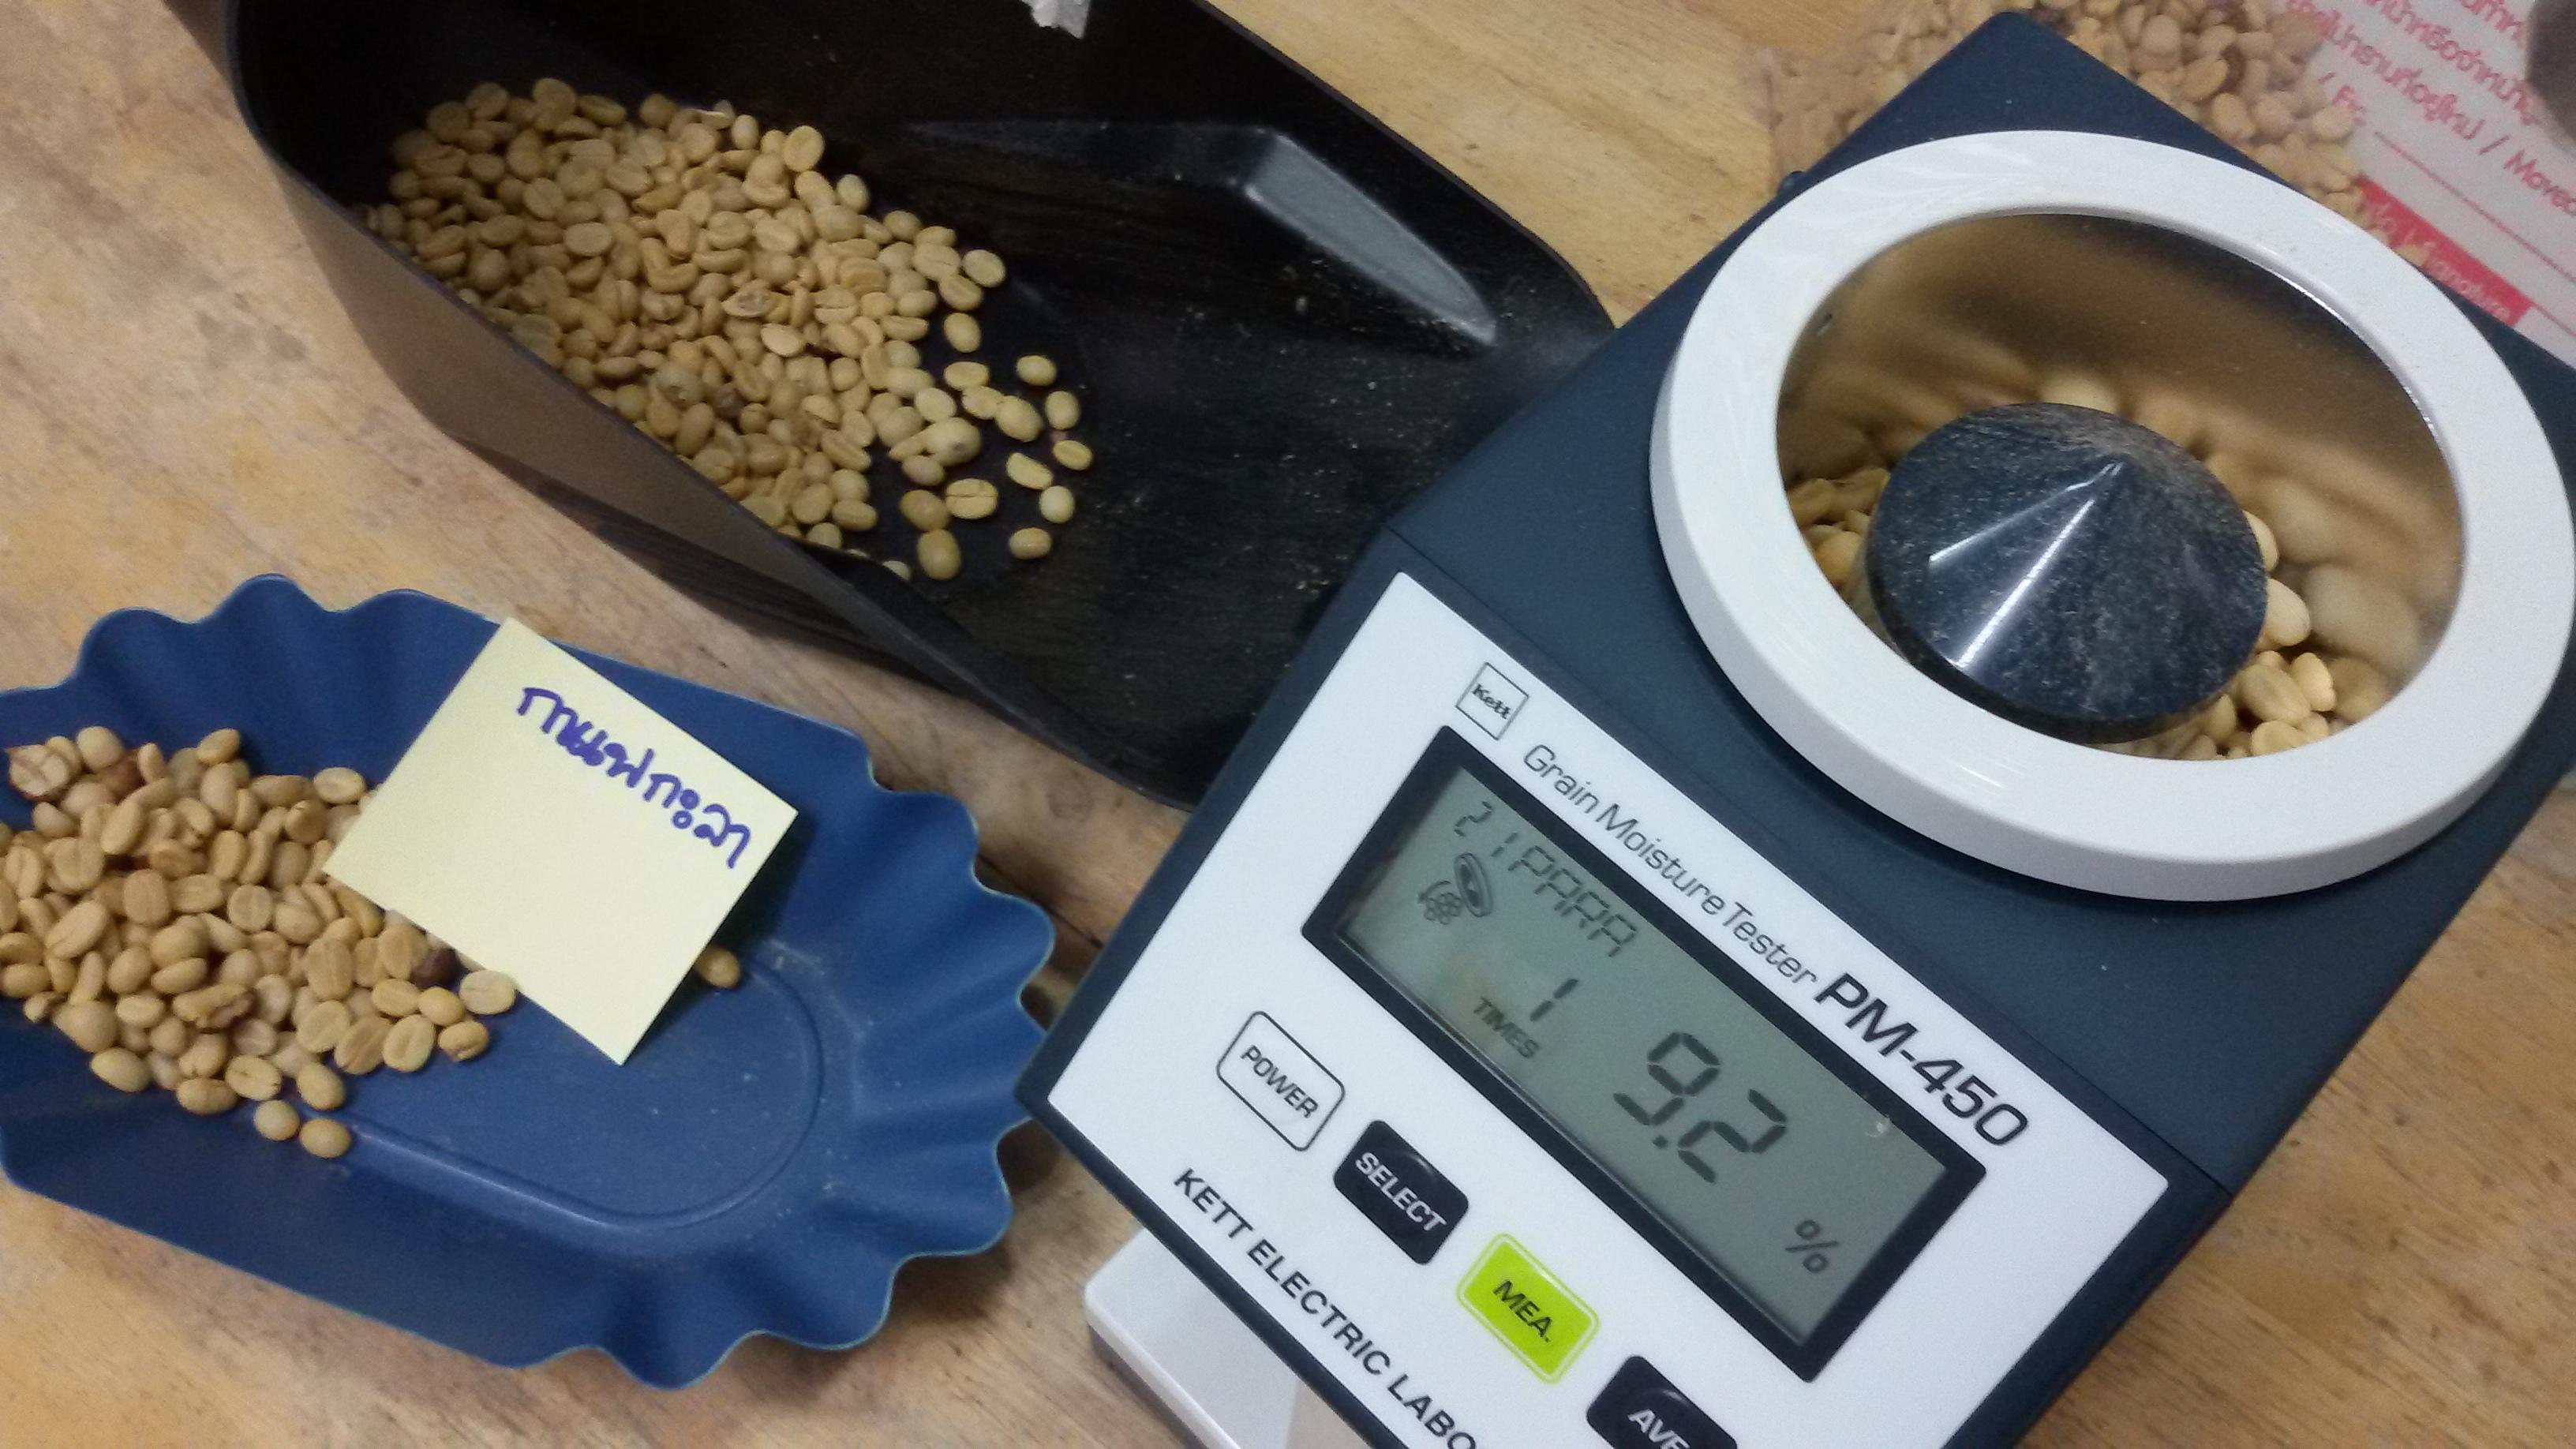 วัดความชื้นกาแฟกะลา